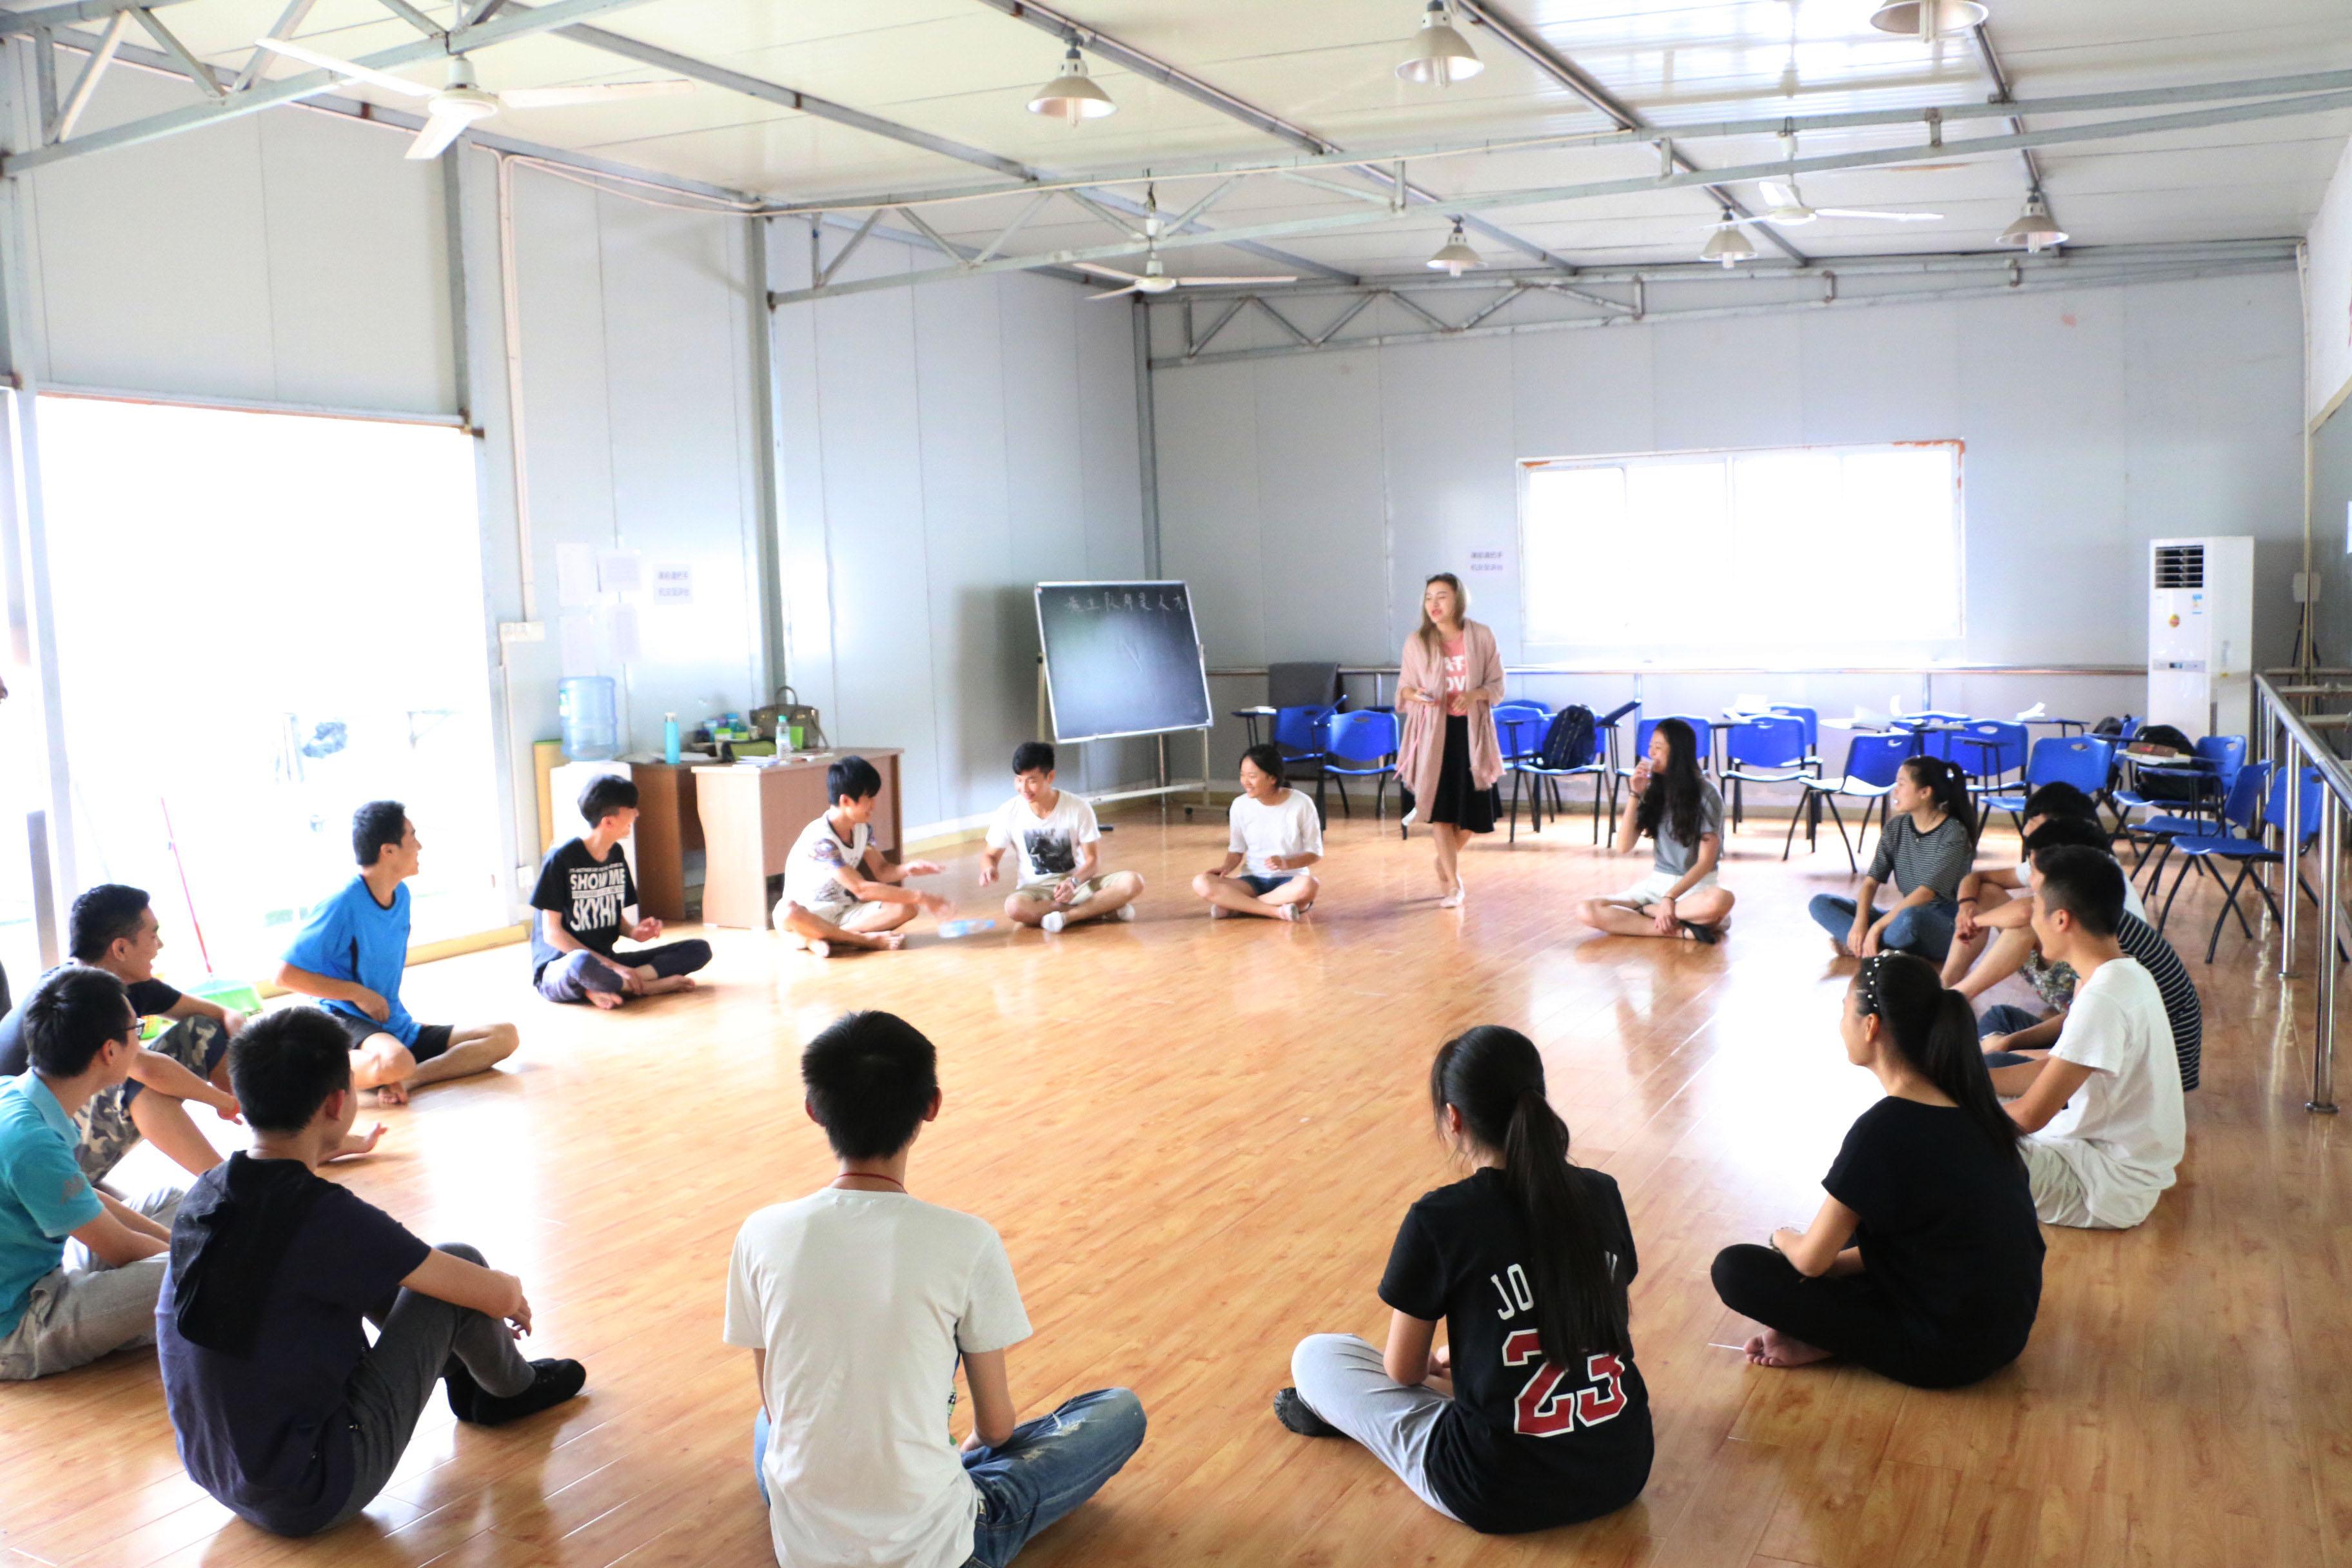 学员风采 2016届翼视学子,江西省联考前十名中,收获编导全省第3、6名,播音全省第5名,空乘全省第7名;在校考中更是独领风采,收获了266张专业合格证,其中不乏国字号顶尖名校,比如北京电影学院、中央戏剧学院、上海戏剧学院、浙江传媒学院等,也涵盖211工程一本的综合型院校,比如武汉大学、华东师范大学、暨南大学、河海大学等,更包括全国六大专业艺术学院,南京艺术学院、山东艺术学院、云南艺术学院等等。